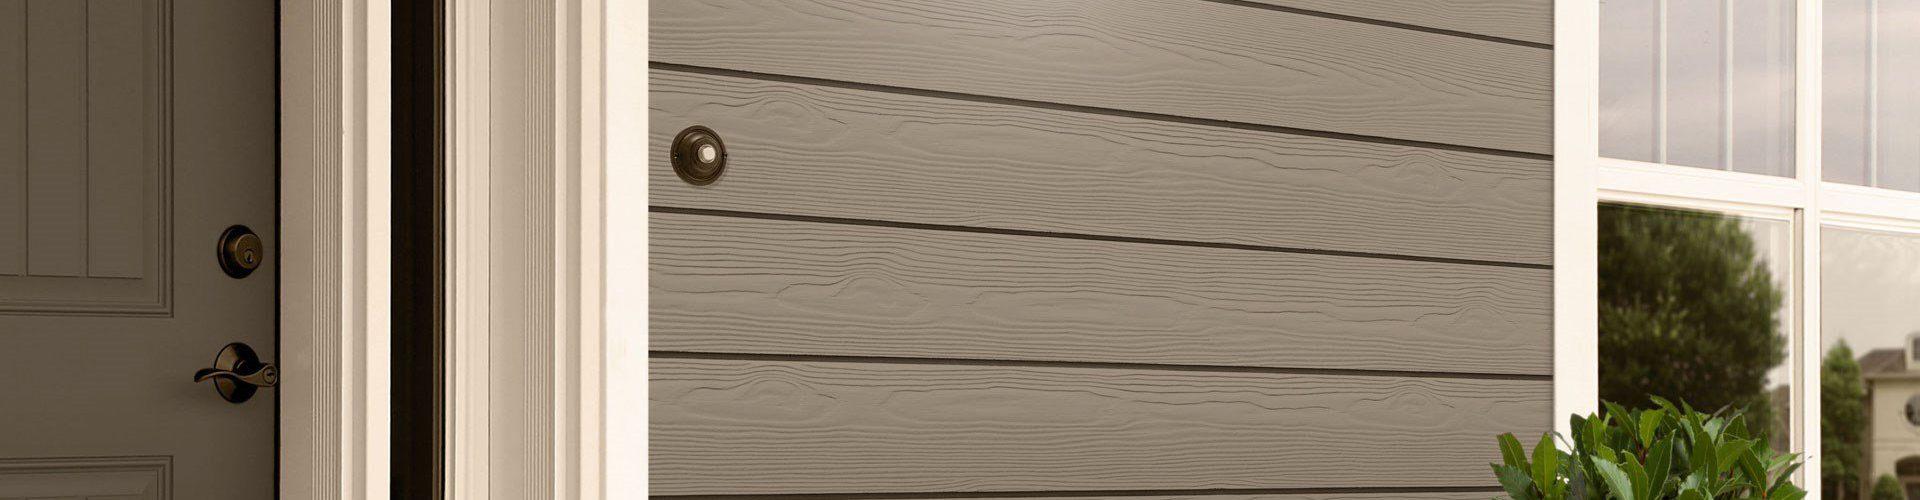 Cedral Click C14 Savi - kiudtsement voodrilaud - puitu immiteeriv